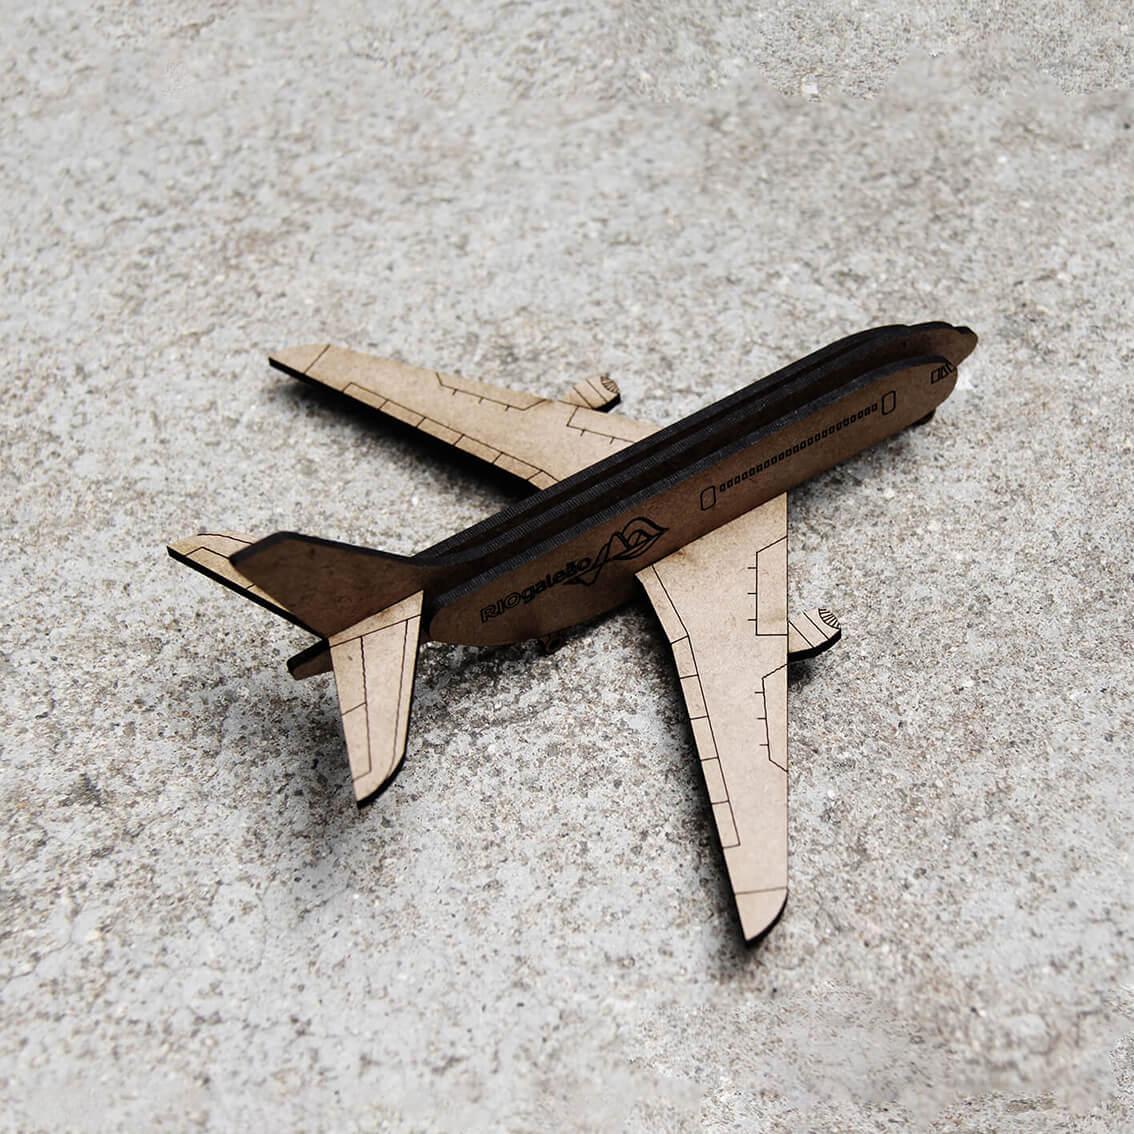 Miniatura de avião - RioGaleão